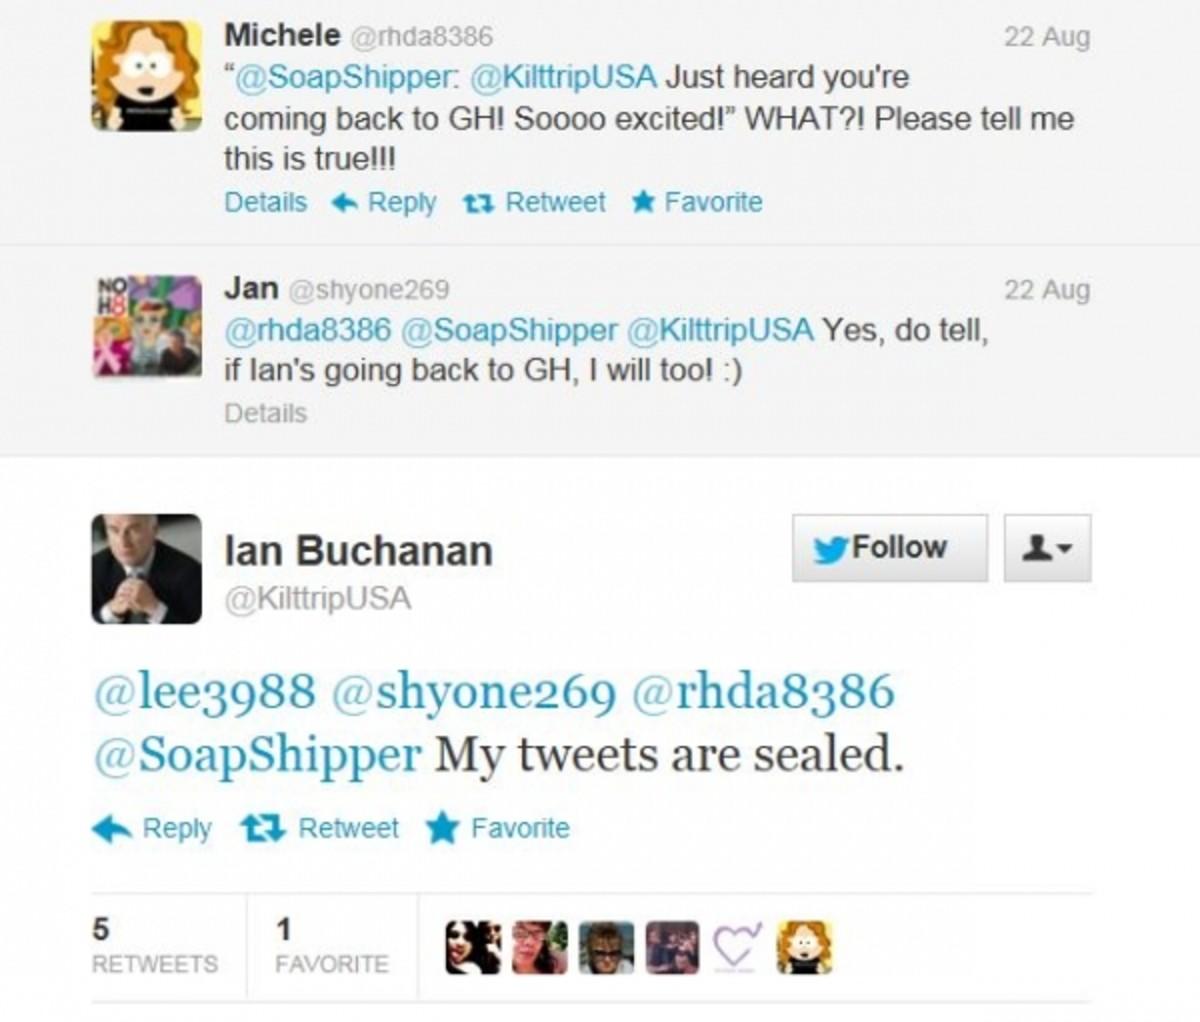 Ian_Buchanan